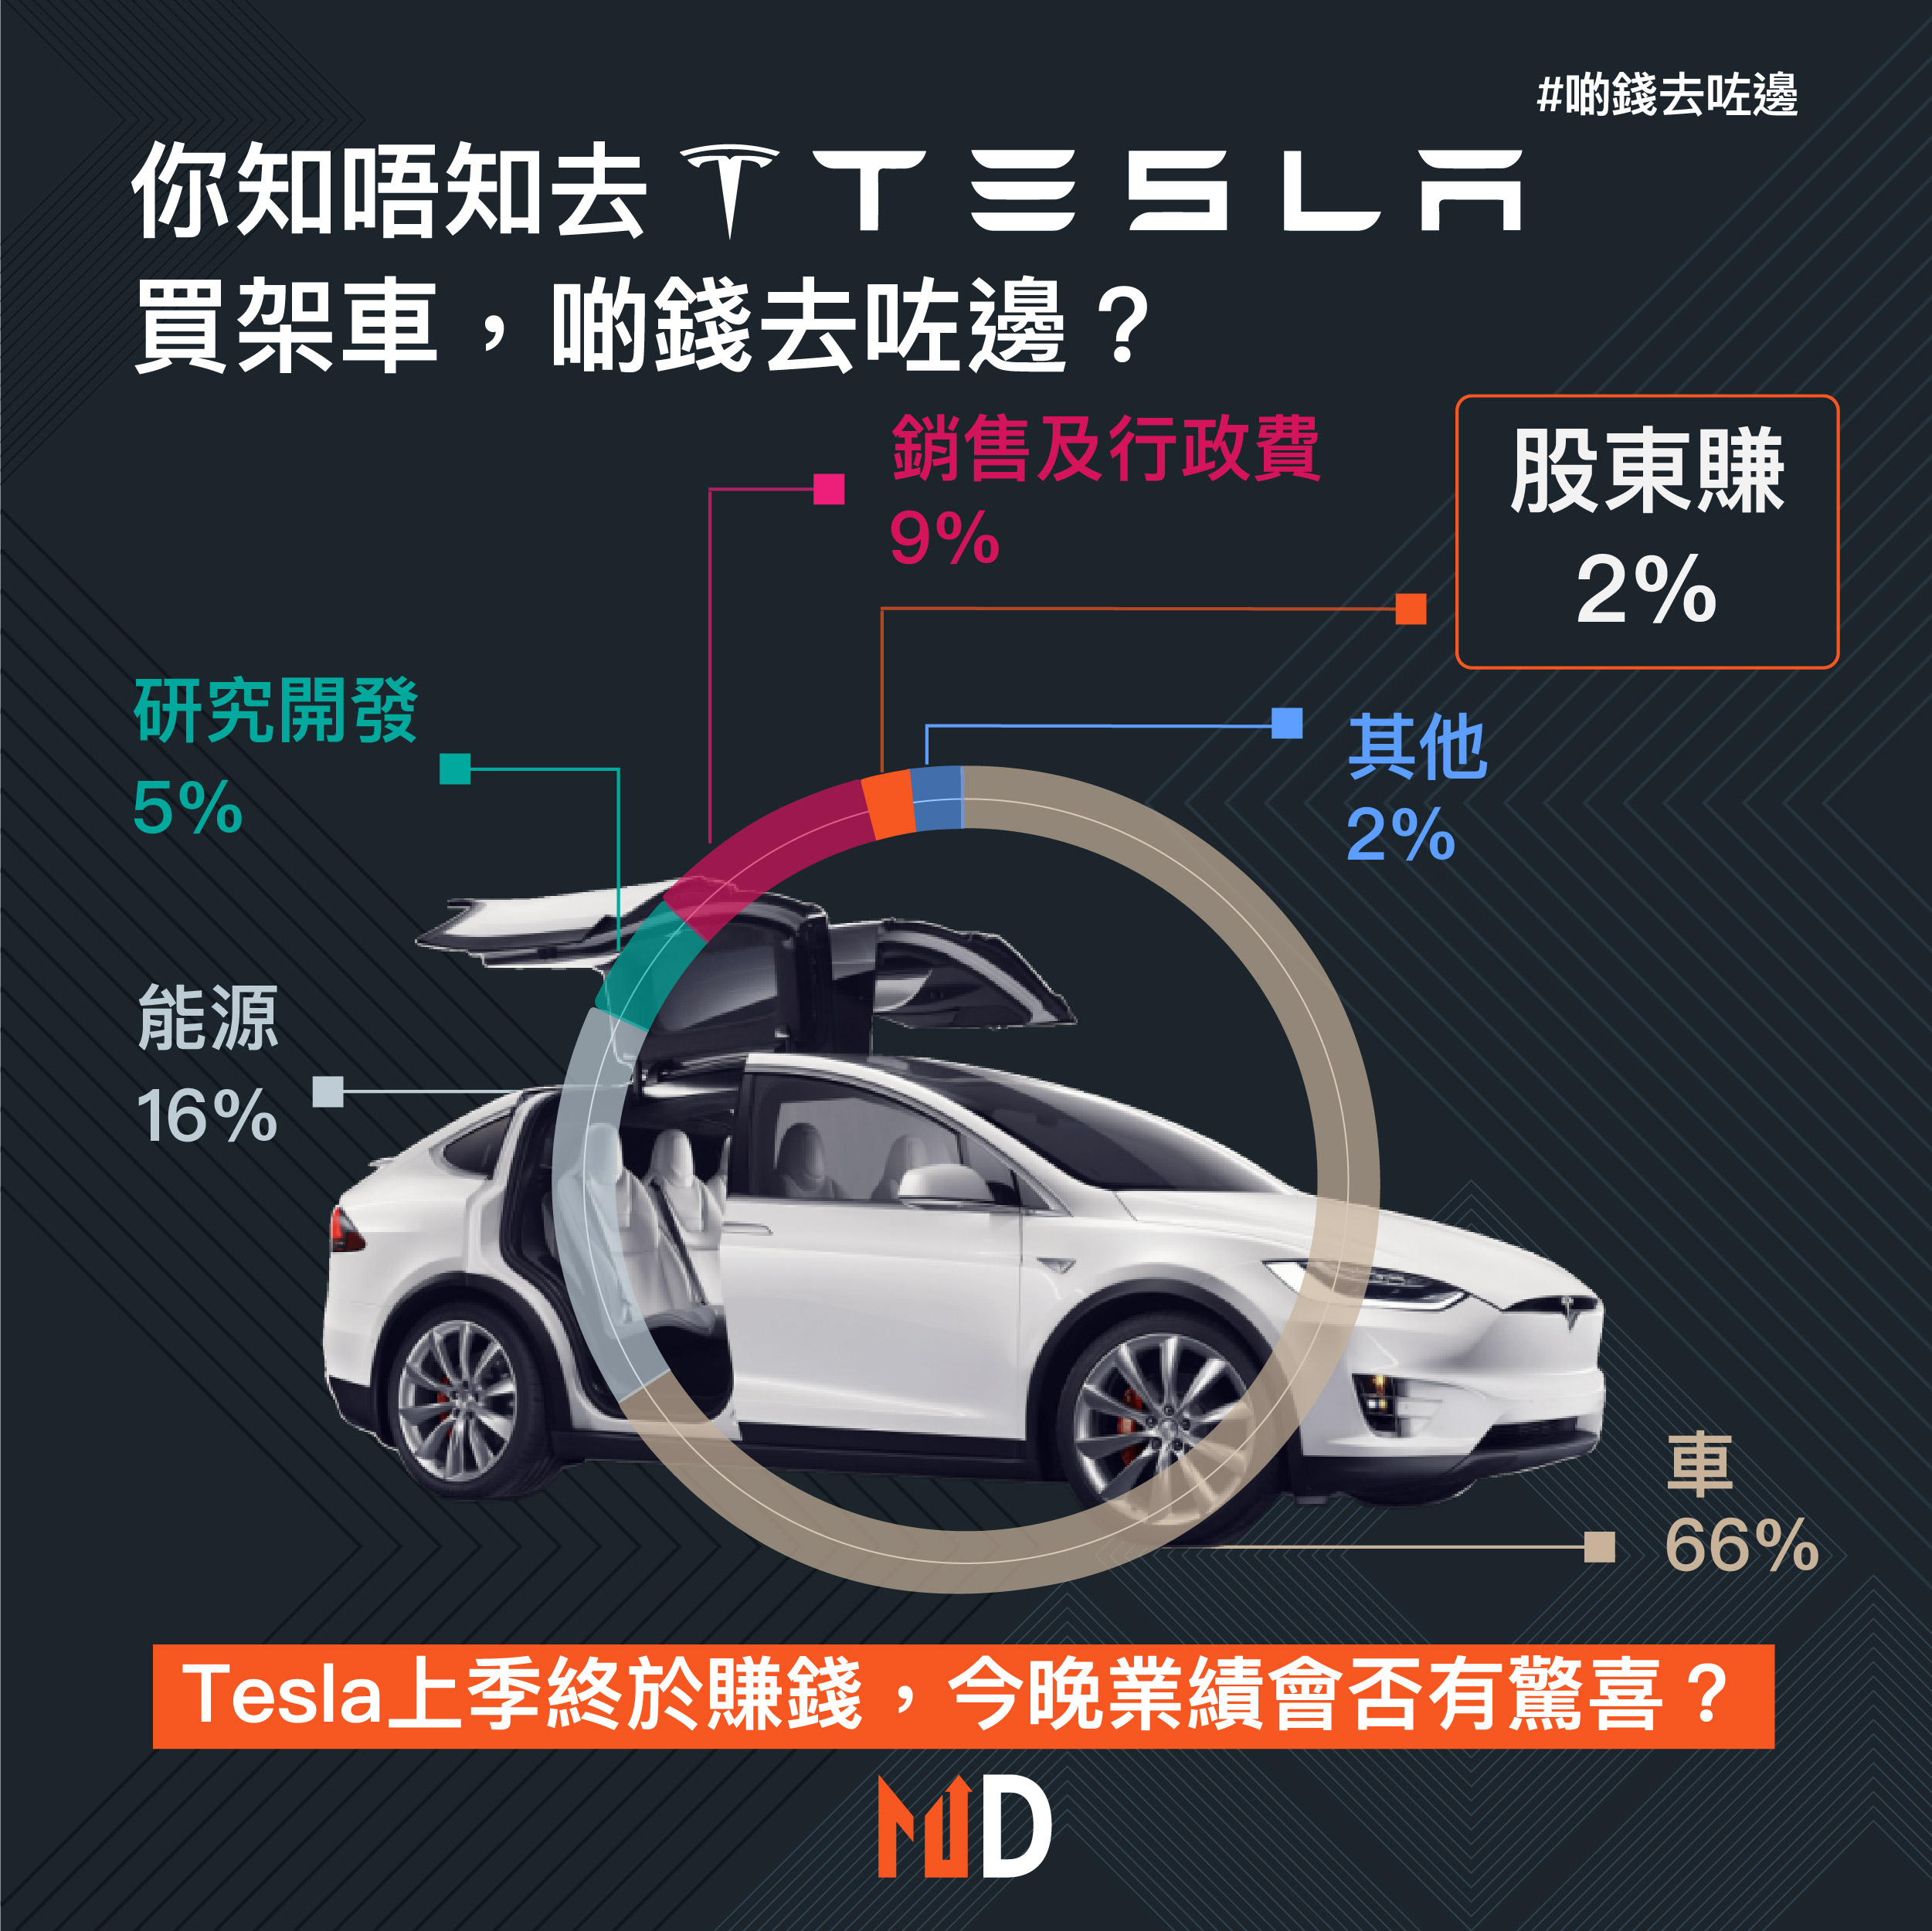 【啲錢去咗邊?】你知唔知去Tesla買架車,啲錢去咗邊?